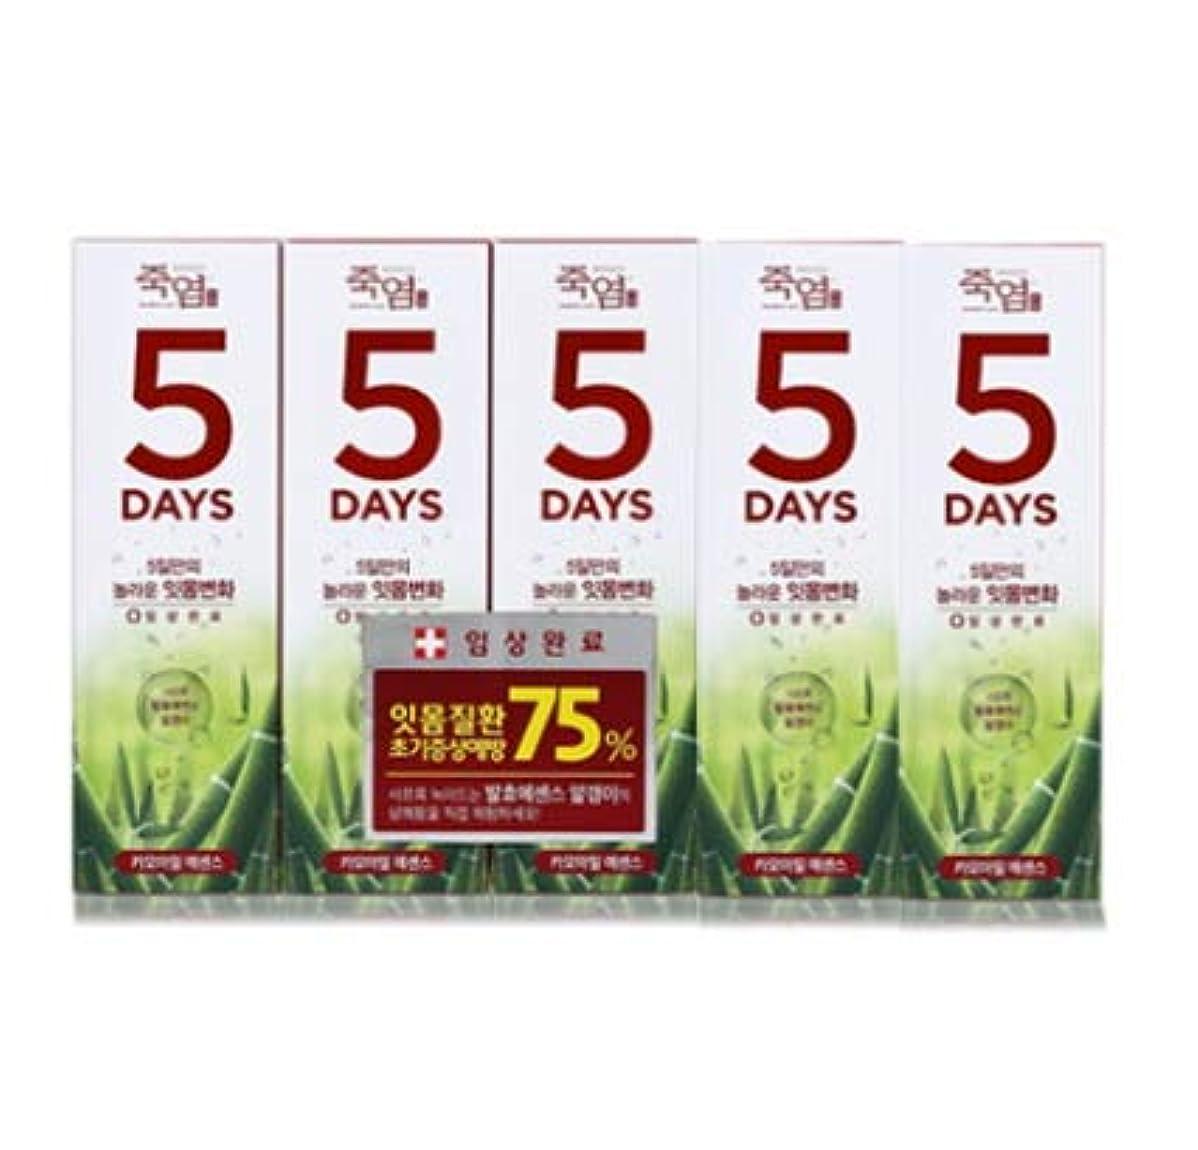 肯定的多様な容量[LG Care/LG生活健康]竹塩歯磨き粉5daysカモミールエッセンス100g x5ea/歯磨きセットスペシャル?リミテッドToothpaste Set Special Limited Korea(海外直送品)